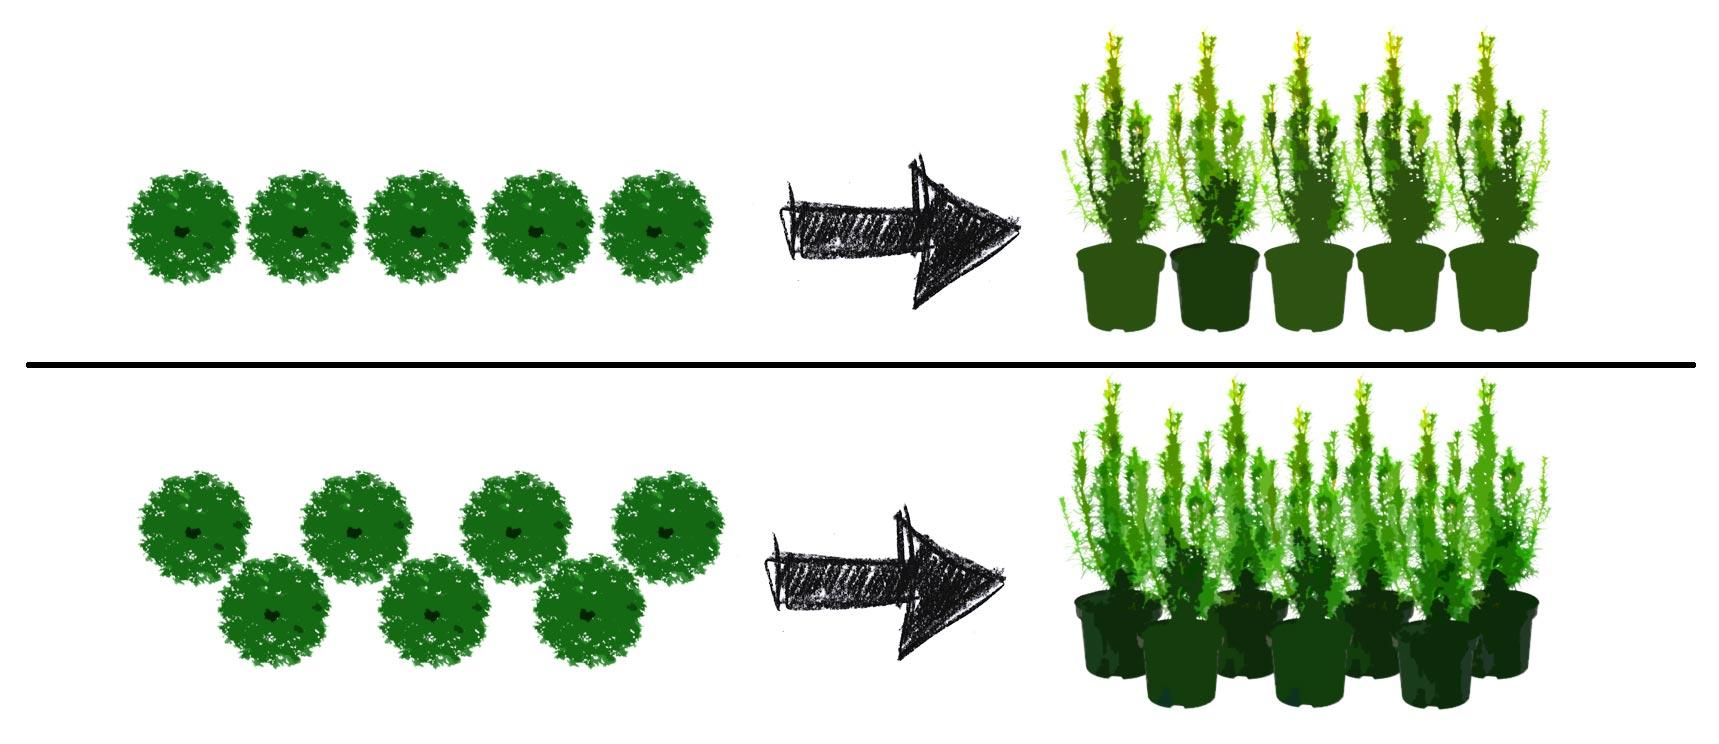 Eibenhecke pflanzen Pflanzmuster